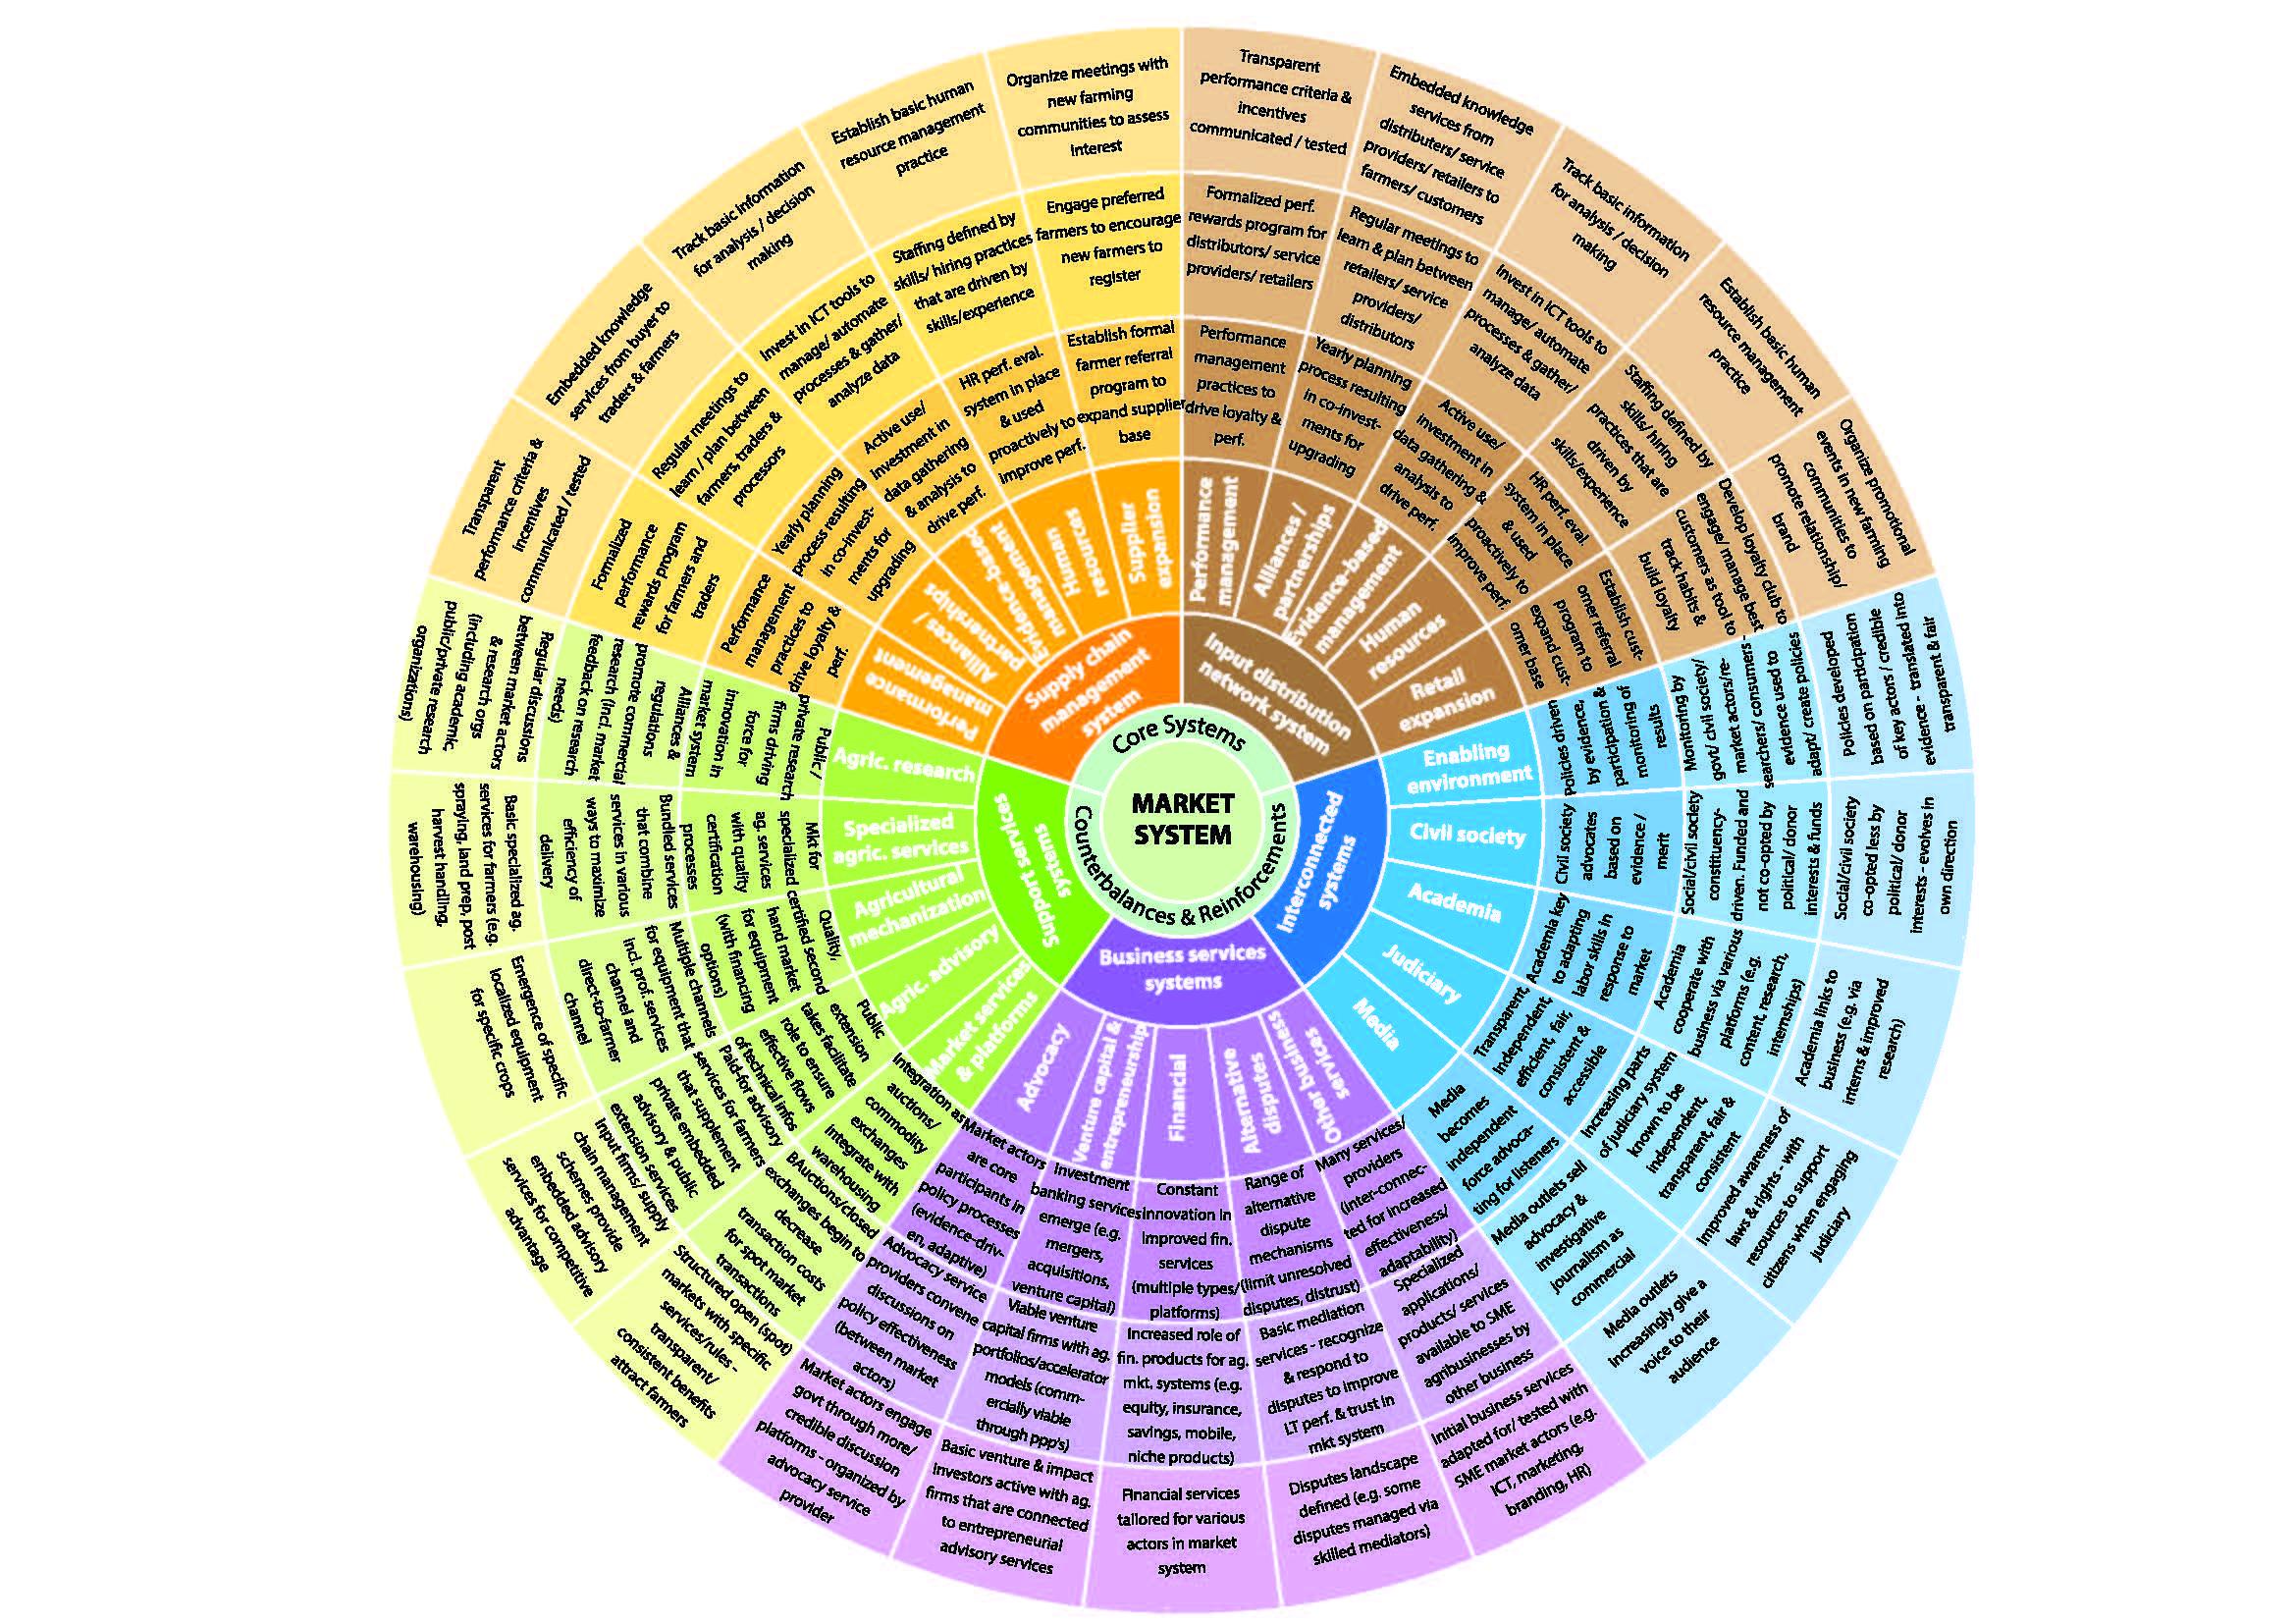 ag market systems behavior change wheel